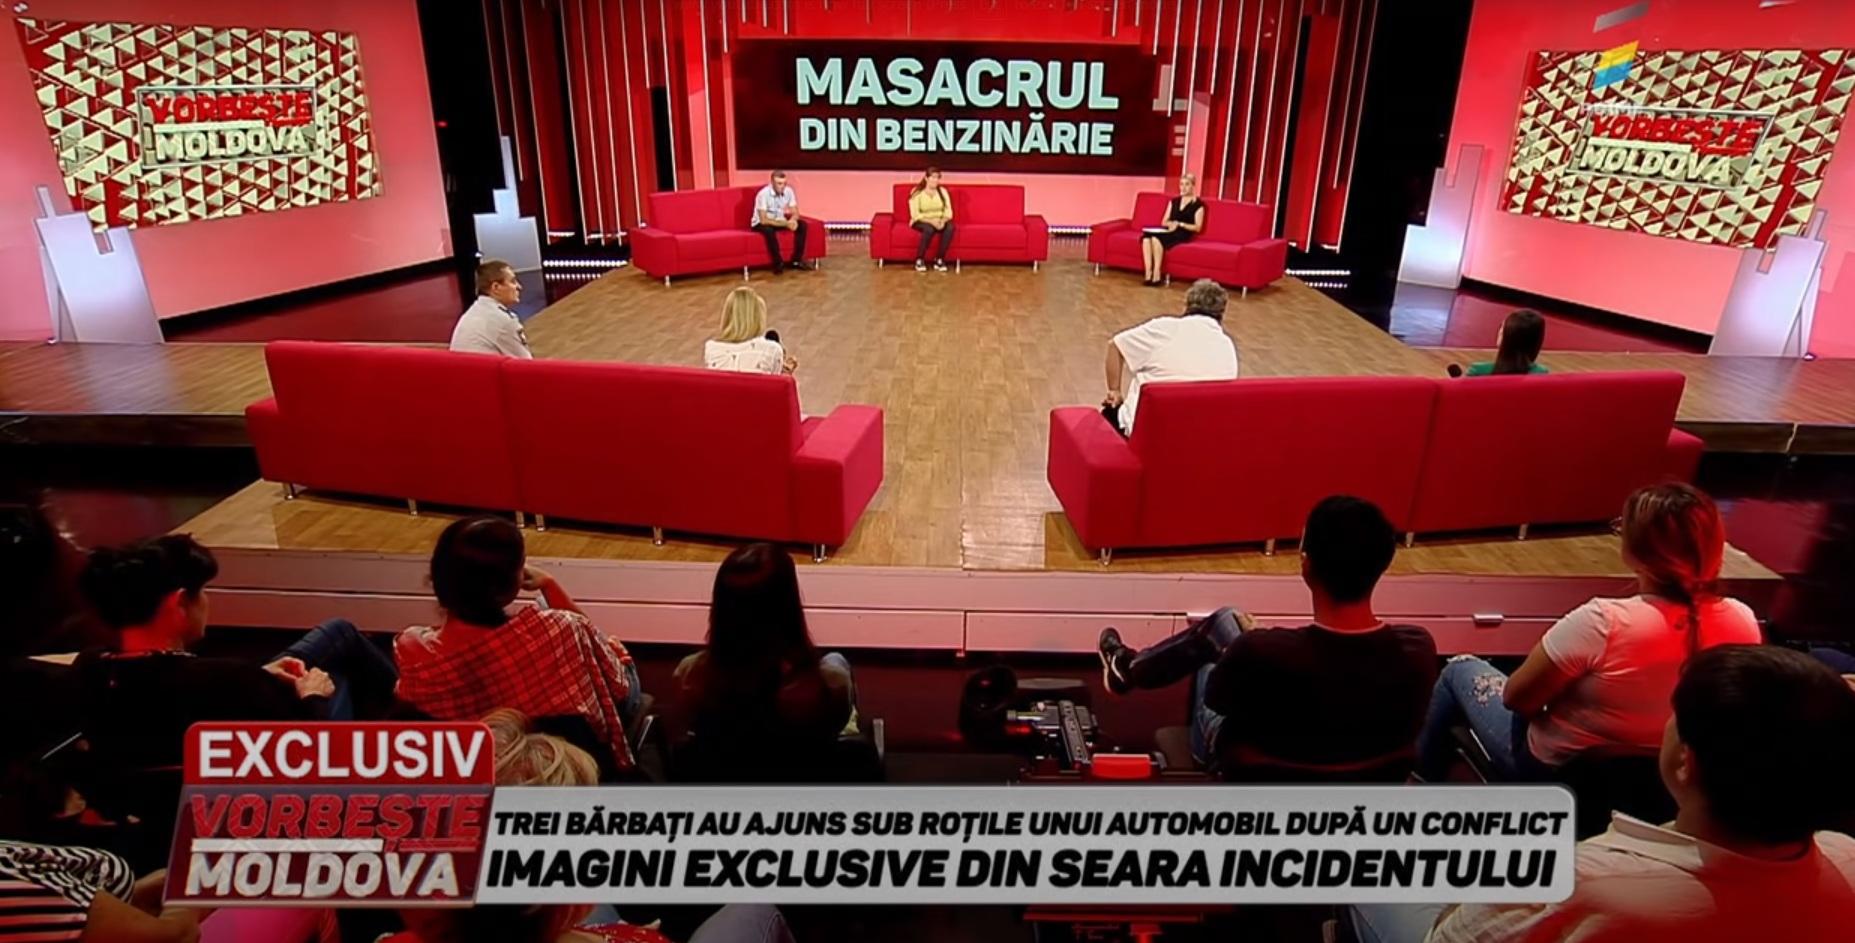 """Avertizare publică pentru scene de violenţă şi limbaj licenţios în cadrul emisiunii """"Vorbește Moldova"""""""